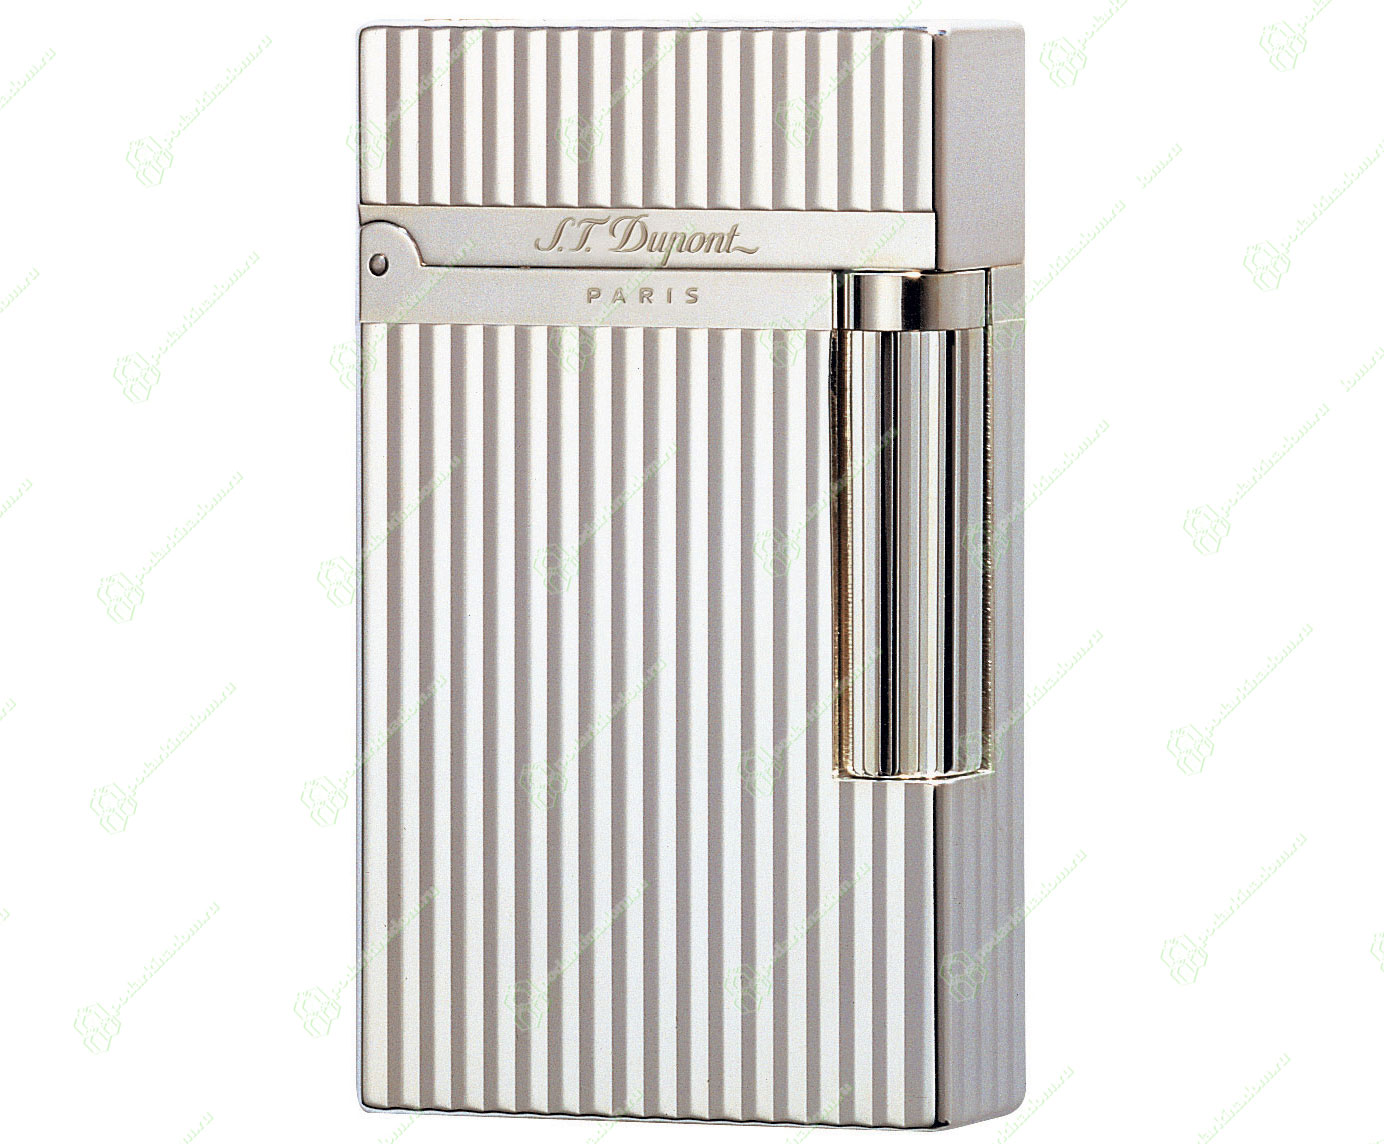 Зажигалки Dupont S.T. DUPONT PodarkiNaDom.RU 30820.000